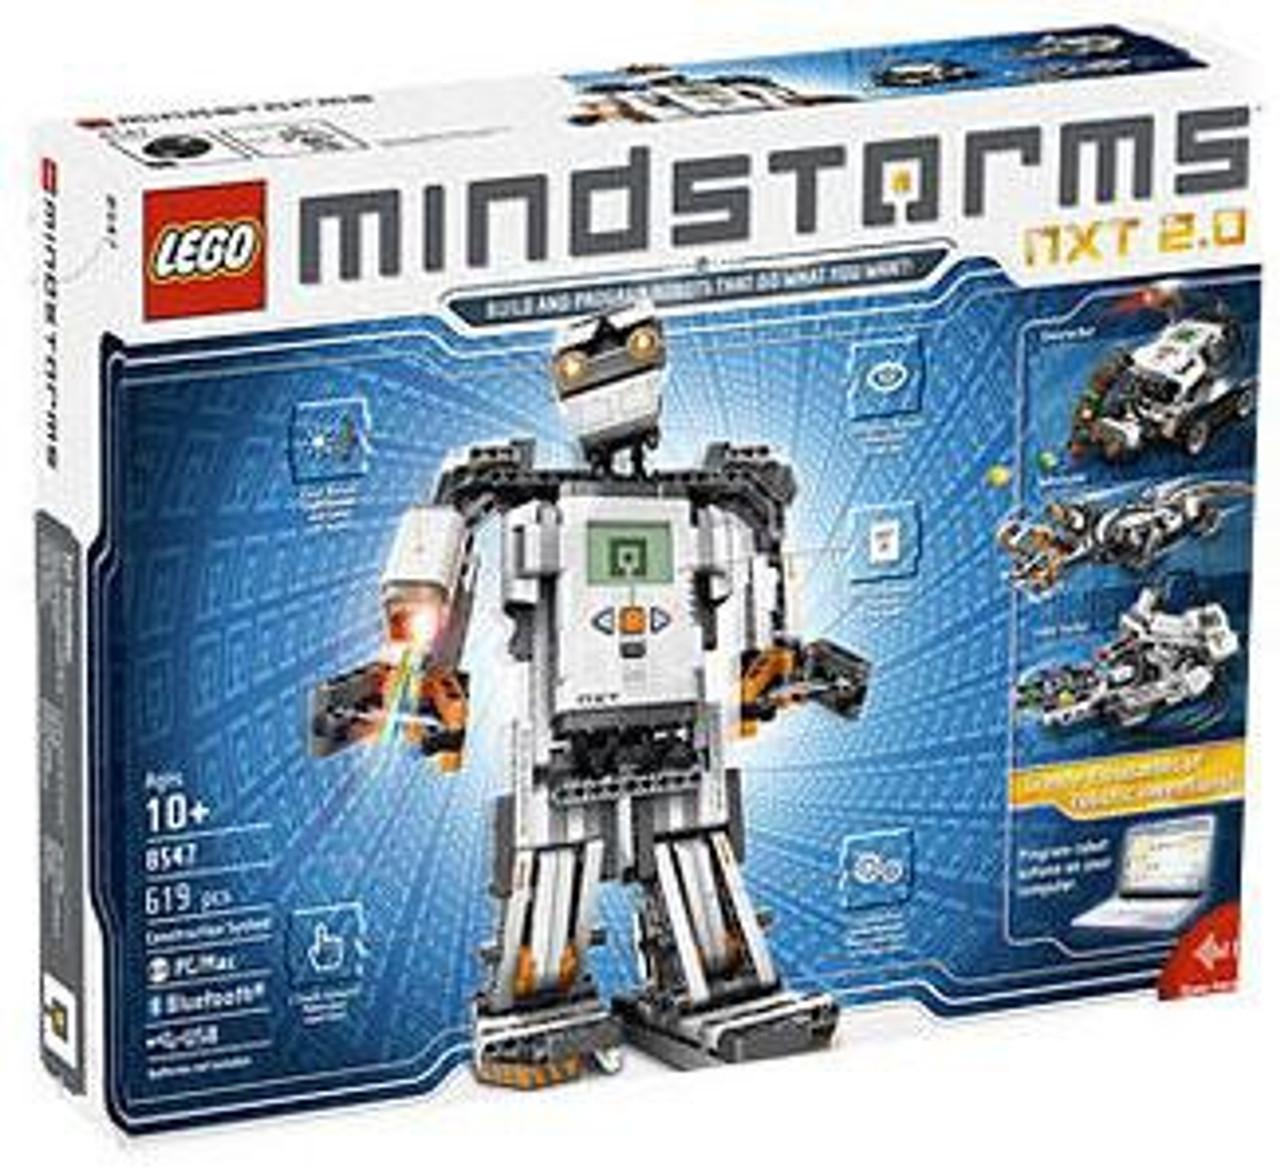 LEGO Mindstorms NXT 2.0 Set #8547